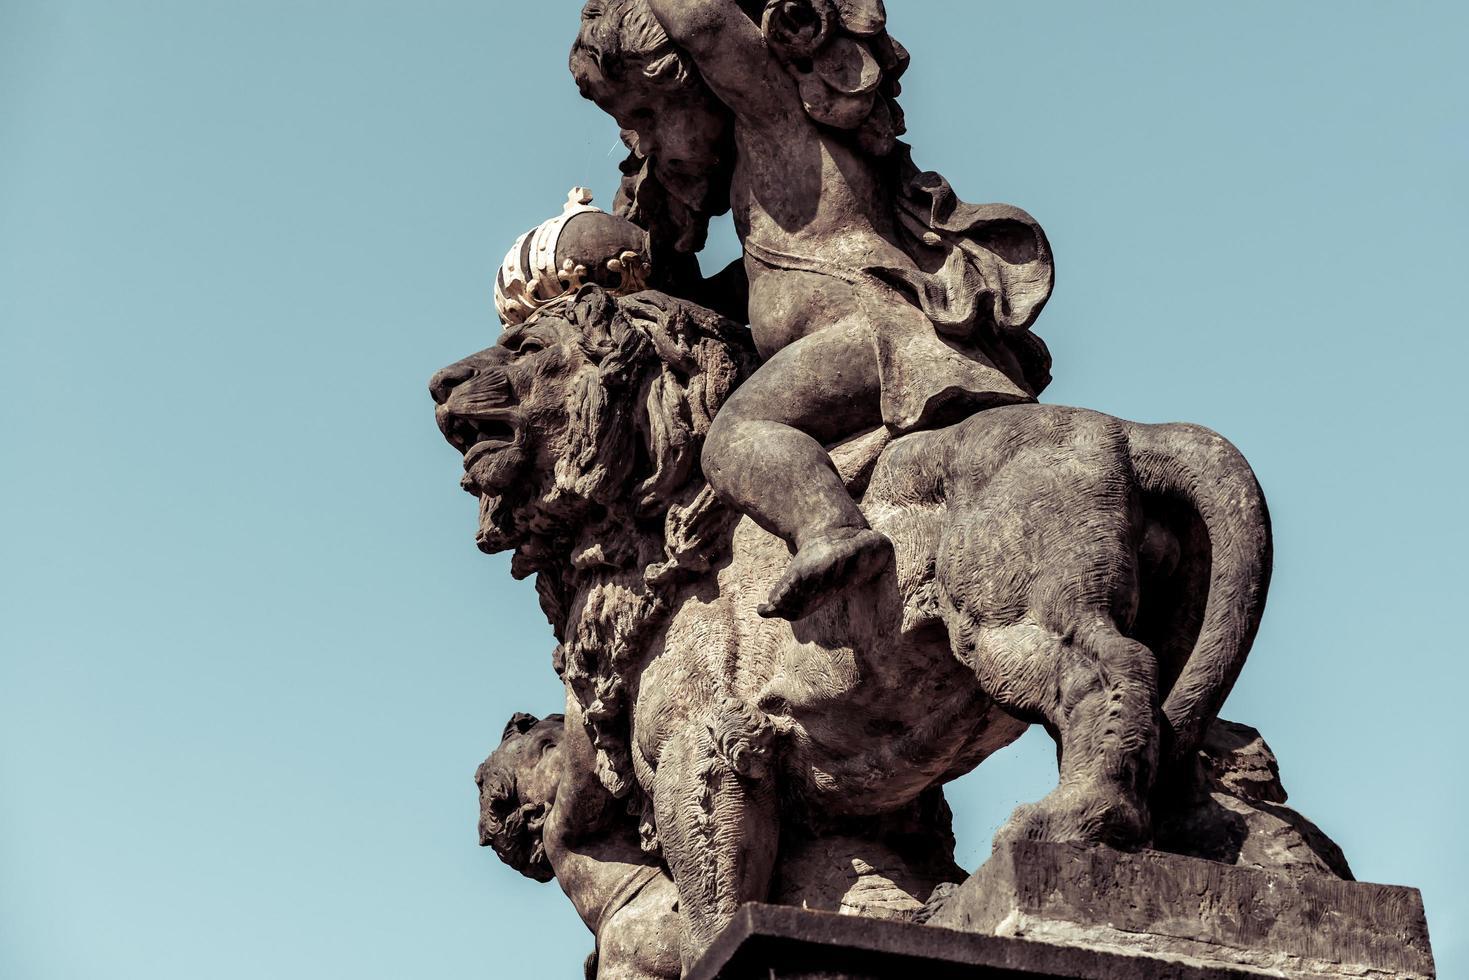 repubblica ceca 2016 - statua del leone che indossa una corona d'oro al castello di praga foto